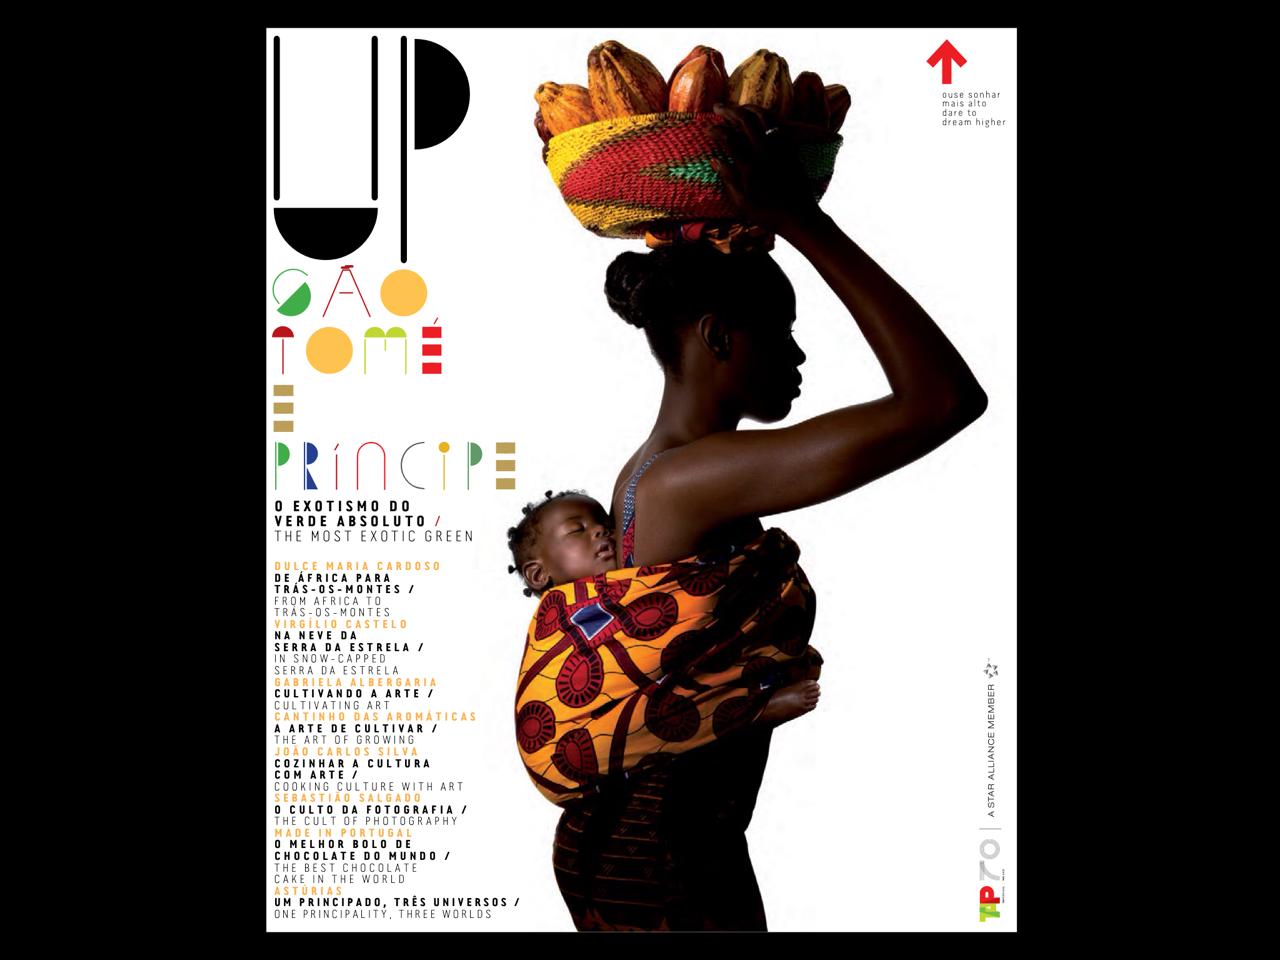 http://upmagazine-tap.com/pt_artigos/cantinho-das-aromaticas-um-cheirinho-a-alecrim/